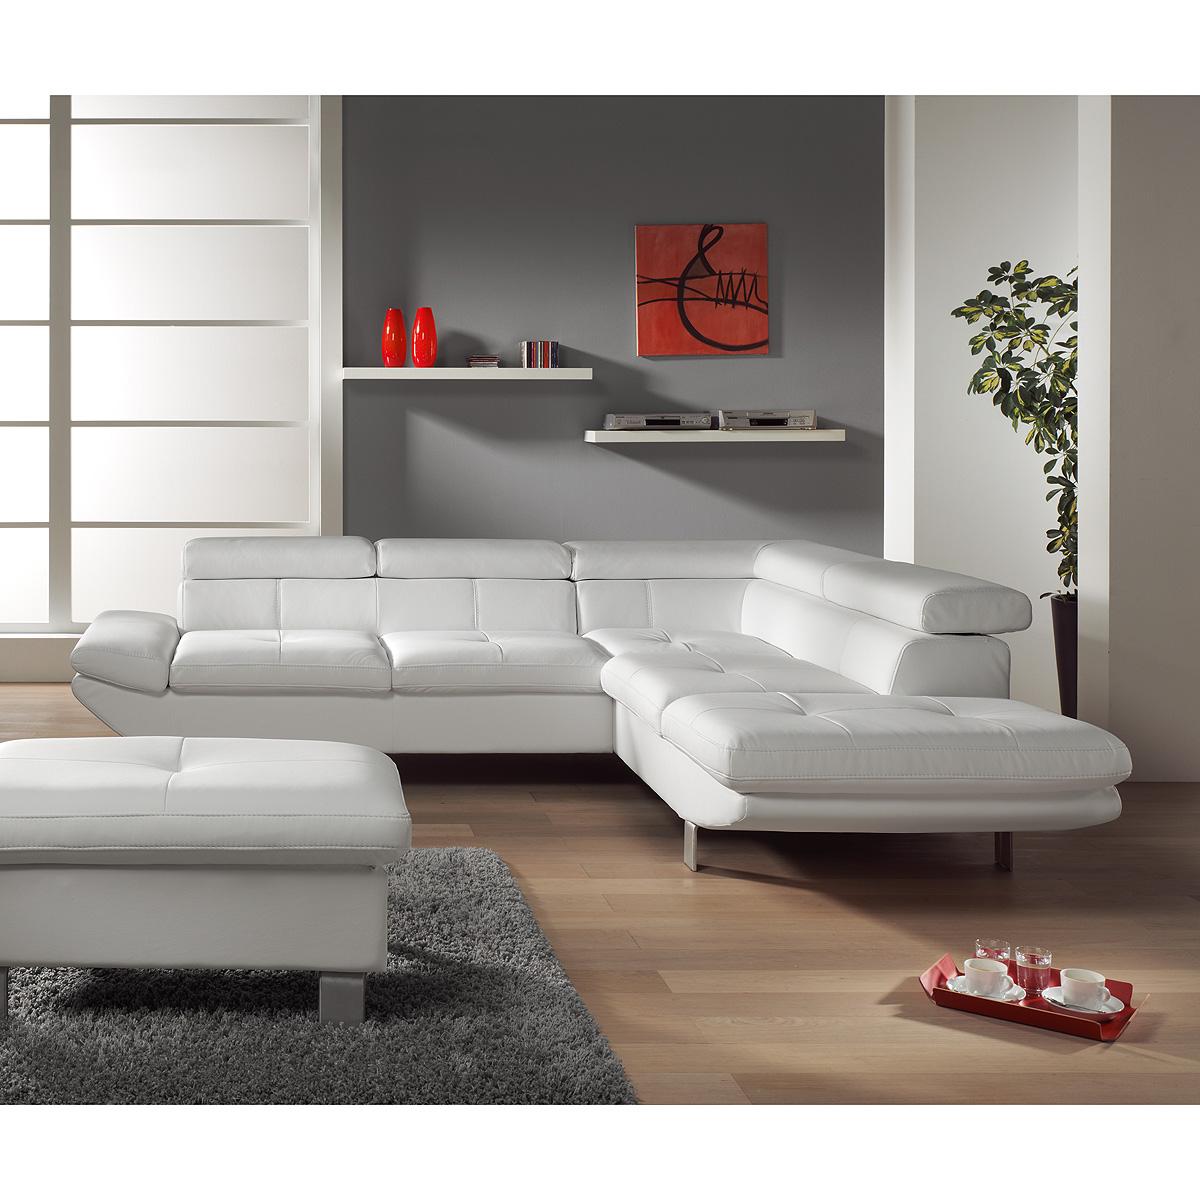 ecksofa carrier wohnlandschaft sofa polsterecke wei schwarz anthrazit auswahl ebay. Black Bedroom Furniture Sets. Home Design Ideas